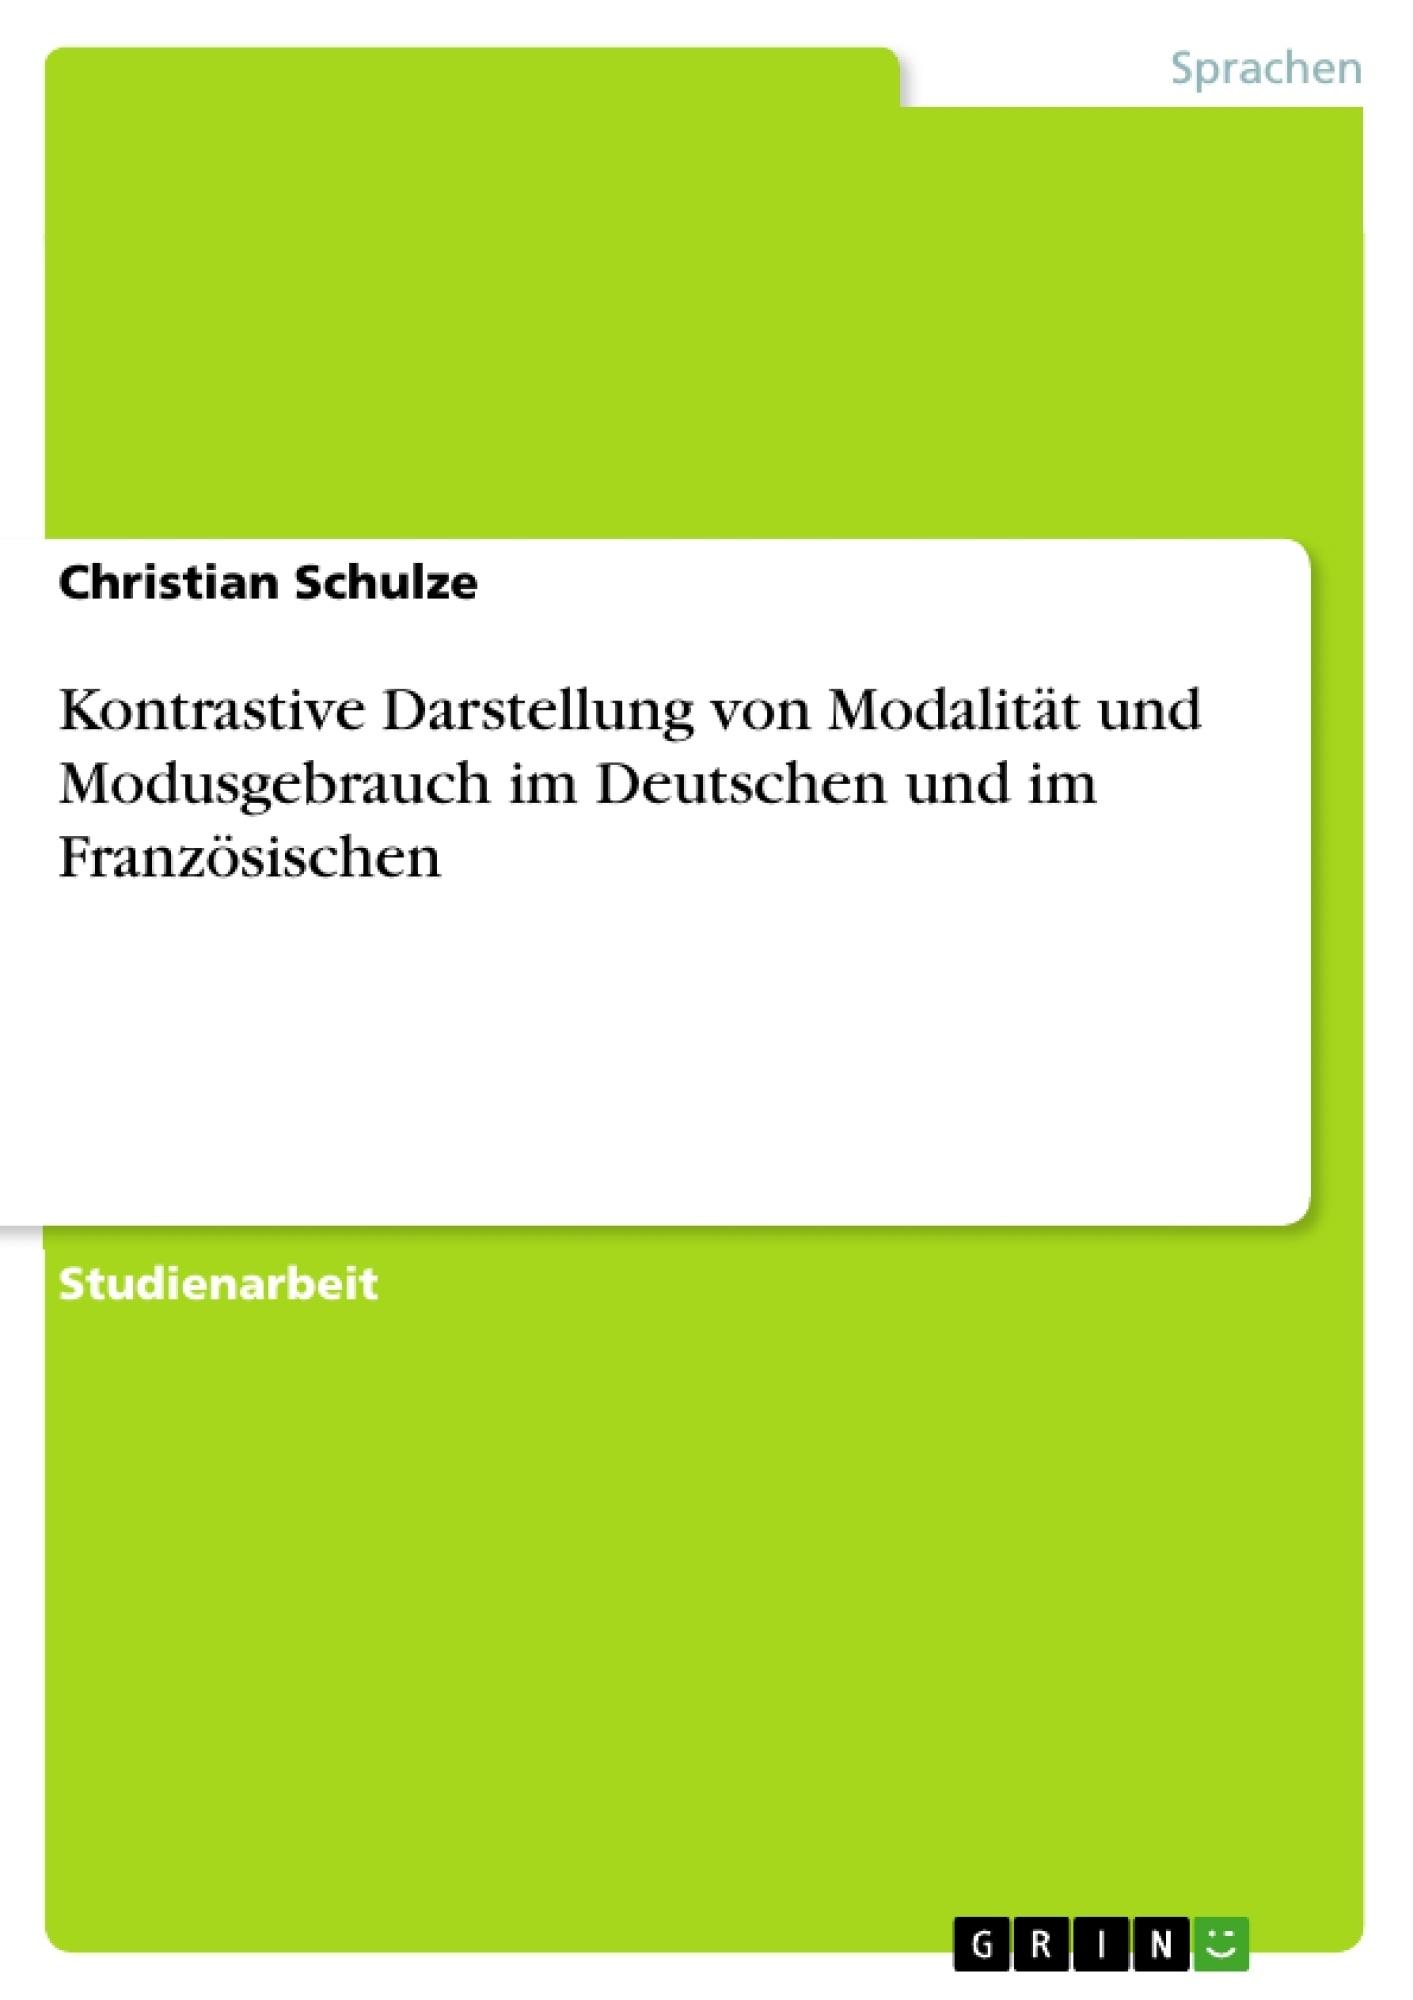 Titel: Kontrastive Darstellung von  Modalität und Modusgebrauch  im Deutschen und im Französischen